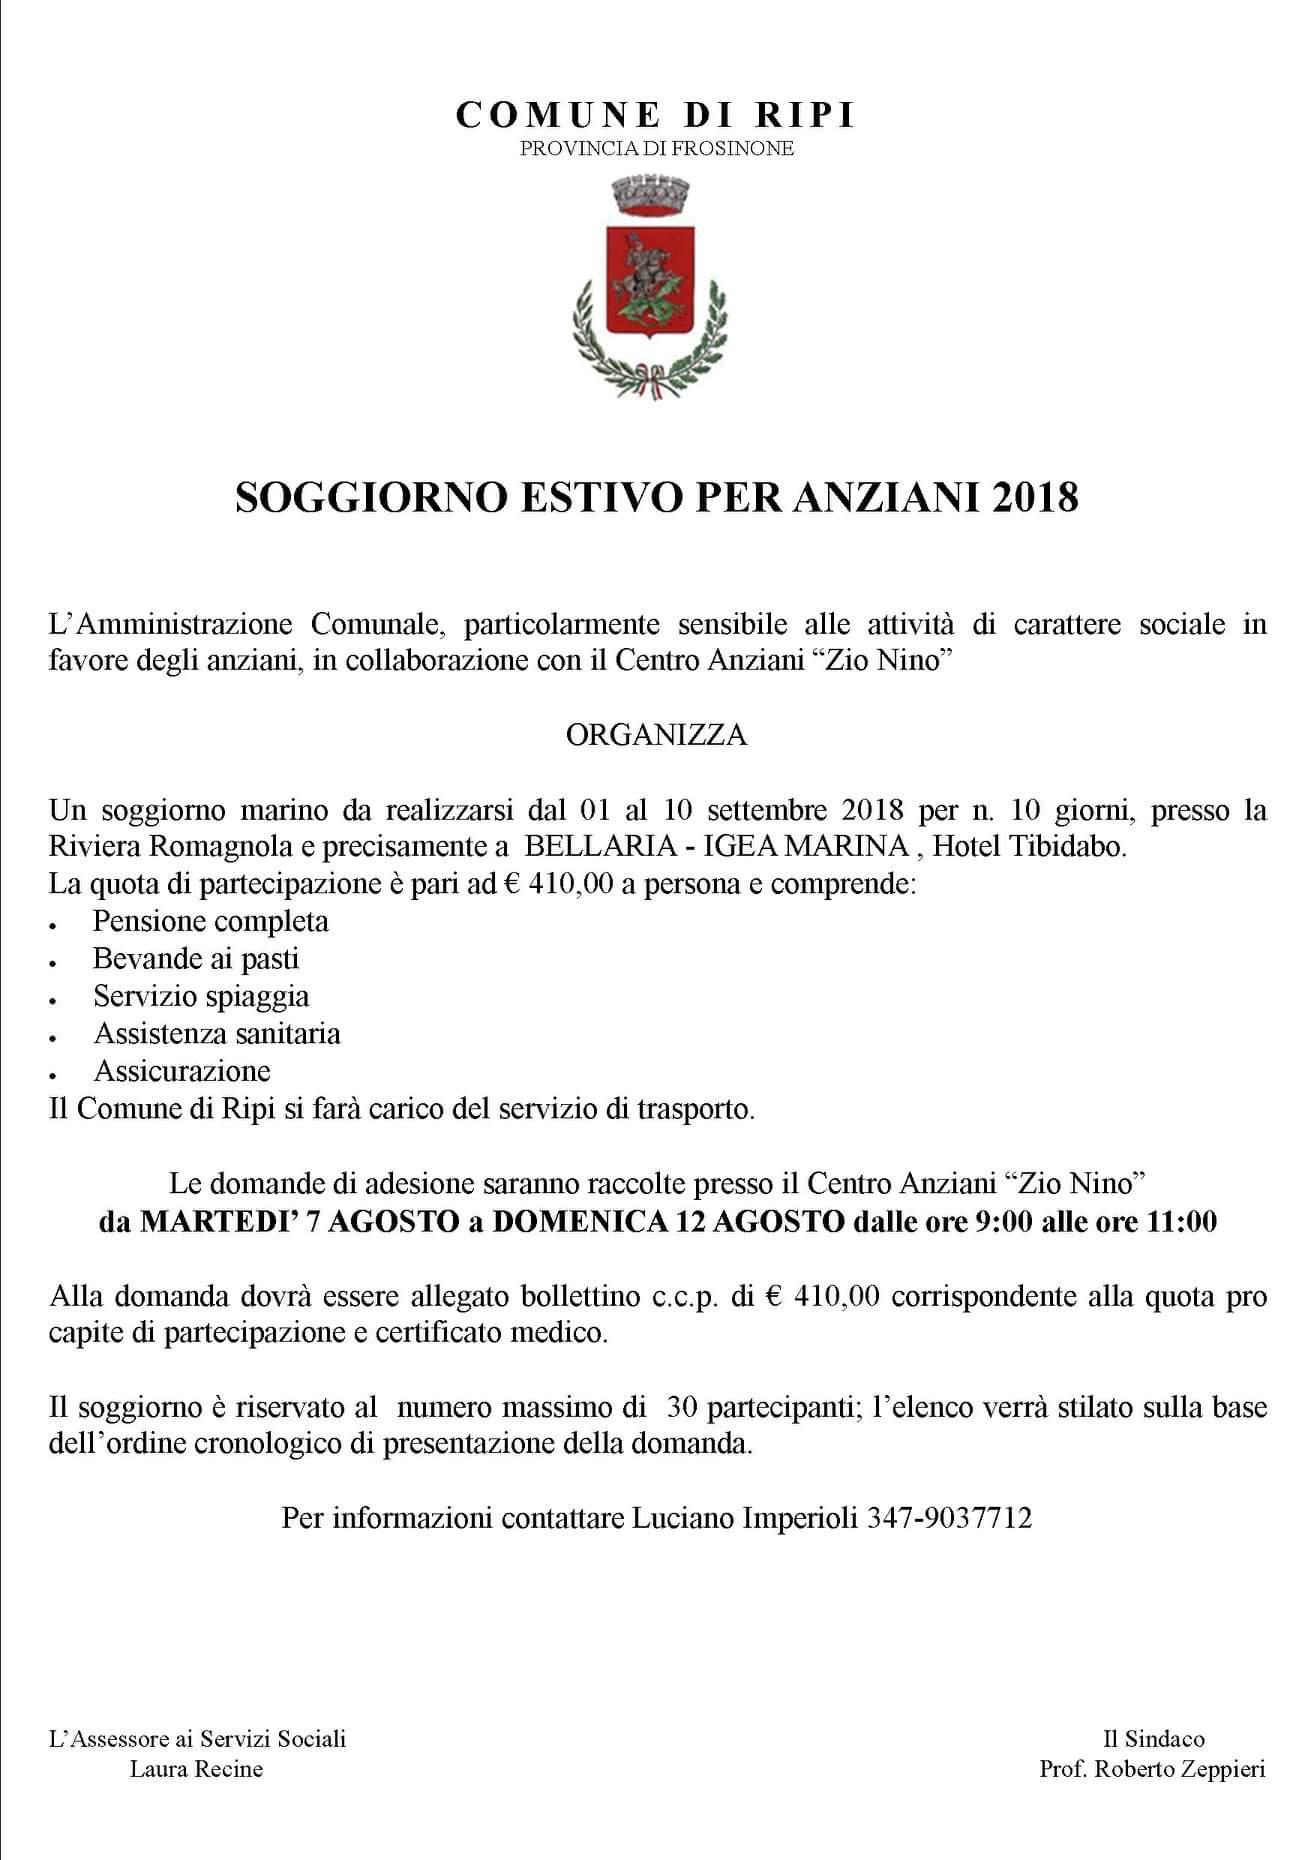 Comune di Ripi - Soggiorno estivo per anziani 2018